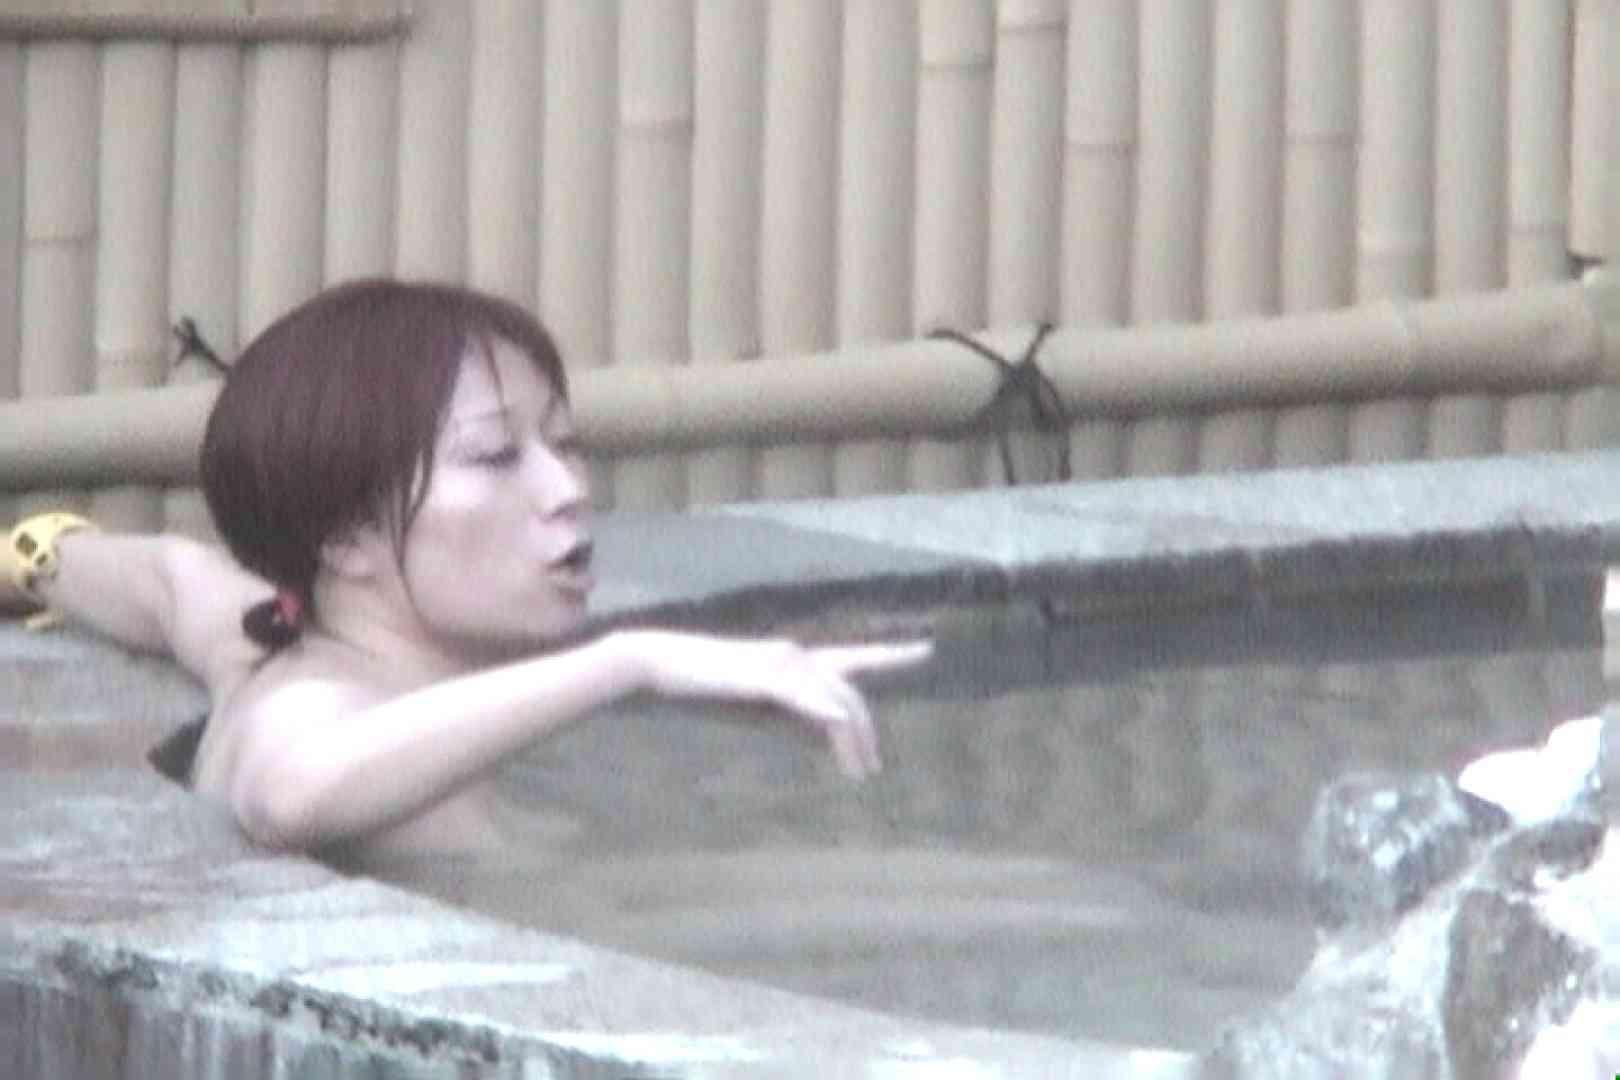 Aquaな露天風呂Vol.561 OLセックス のぞき動画画像 75画像 47